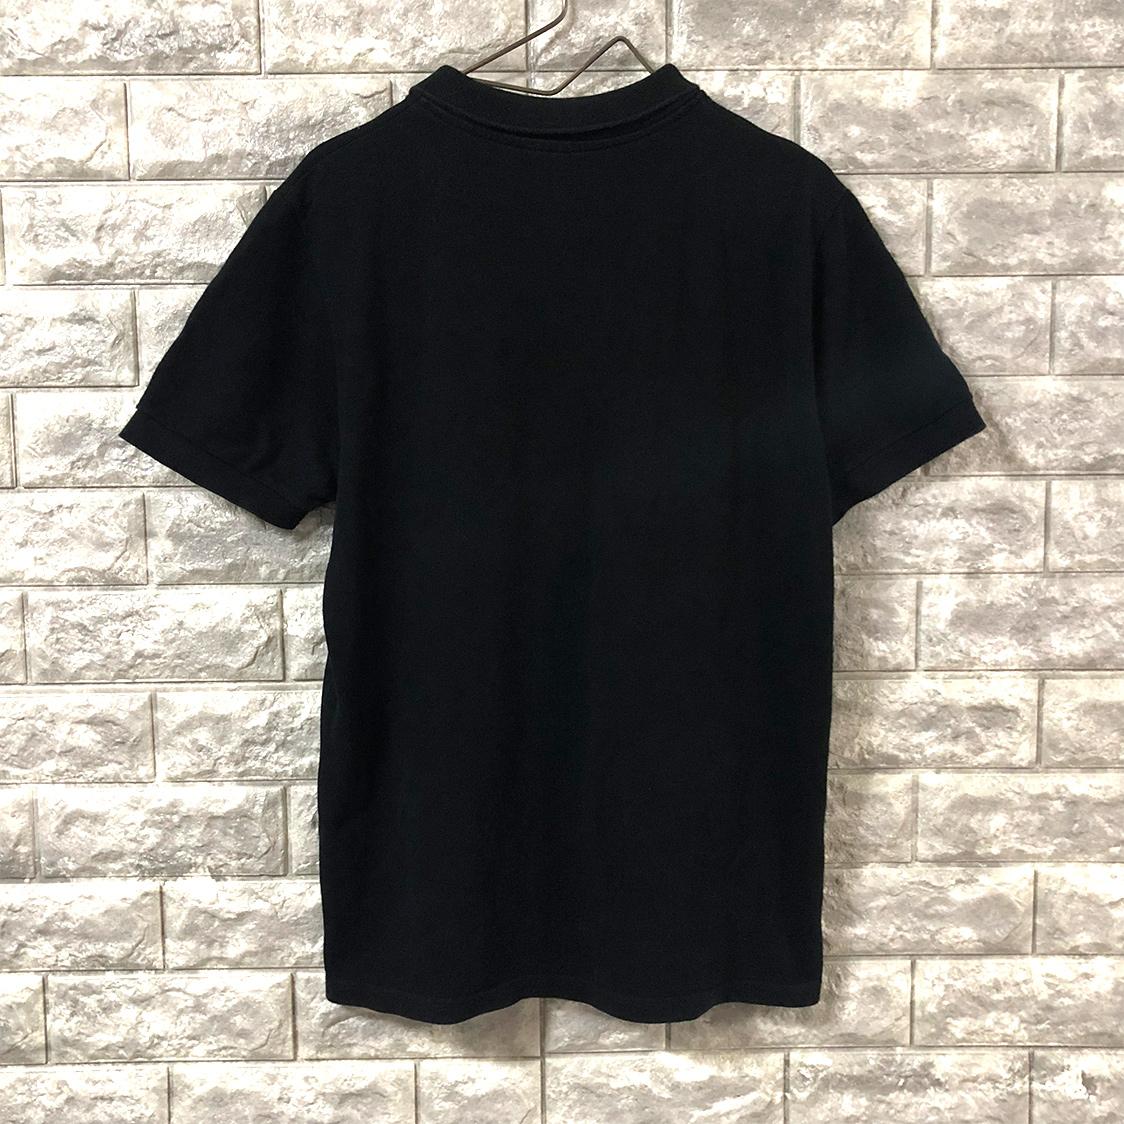 MAISON KITSUNE メゾン キツネ 【Mサイズ】 POLO ポロシャツ ブラック